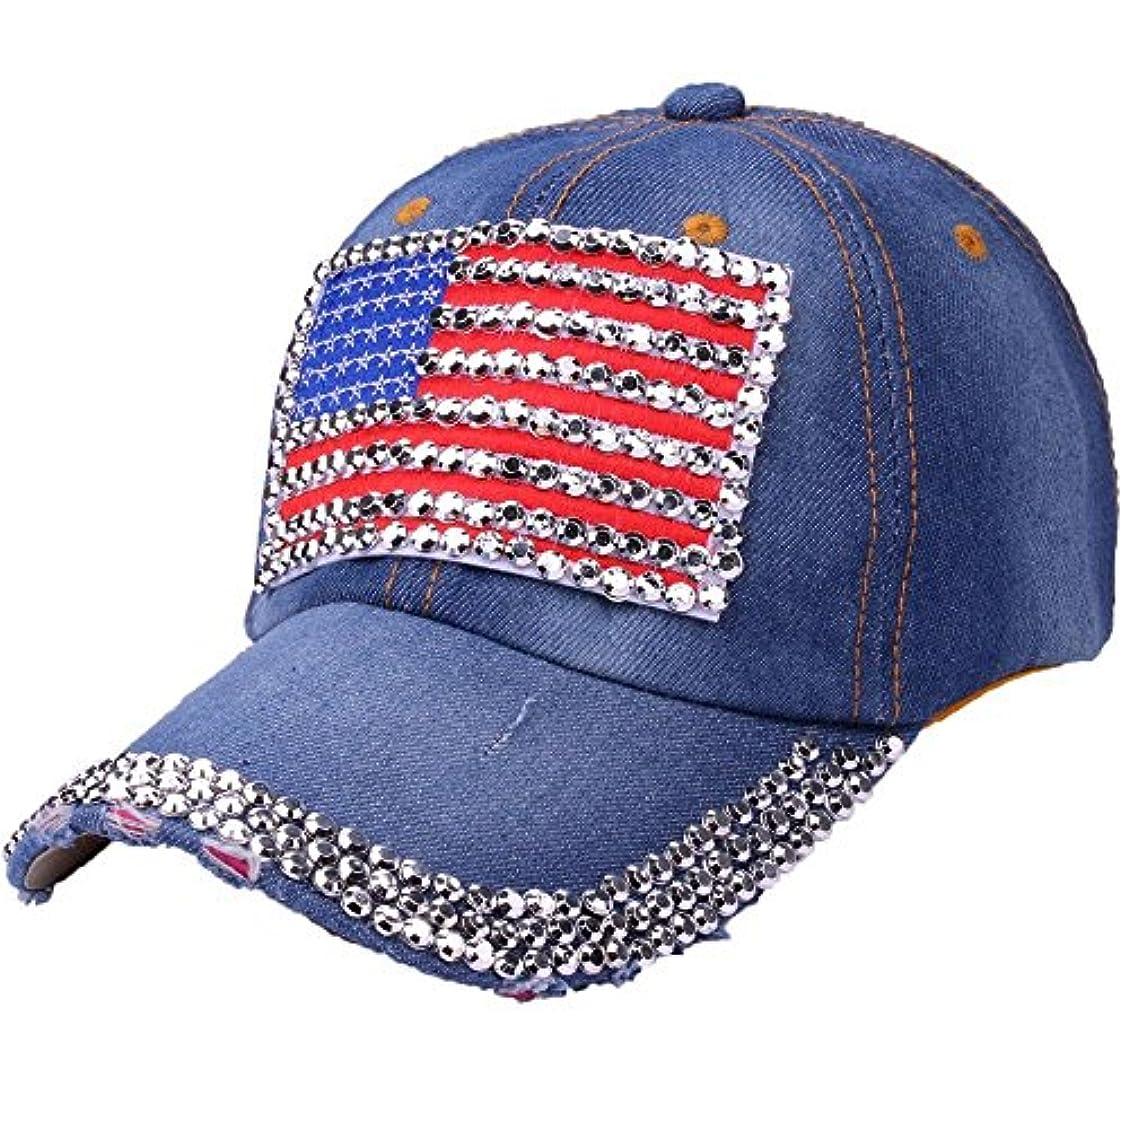 天の通路ターミナルRacazing Cap カウボーイ 野球帽 ヒップホップ 通気性のある ラインストーン 帽子 夏 登山 アメリカの旗 可調整可能 棒球帽 男女兼用 UV 帽子 軽量 屋外 ジーンズ Unisex Cap (C)